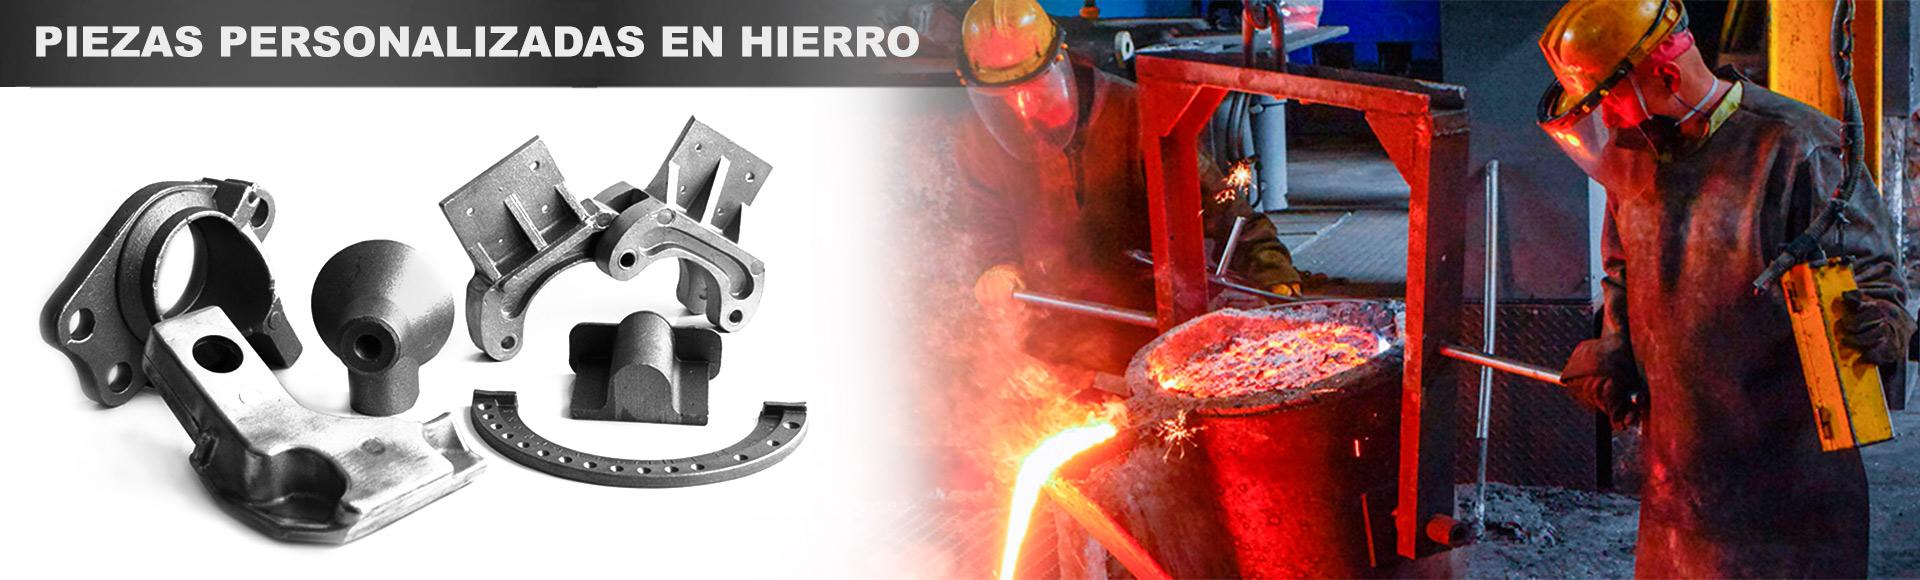 hierro-personalizadas